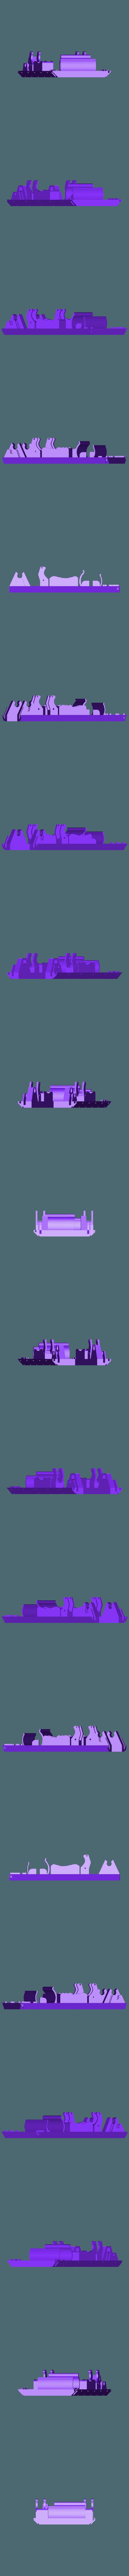 BoatDeckV2.stl Télécharger fichier STL gratuit Bateau à pagaies • Objet à imprimer en 3D, Pwentey